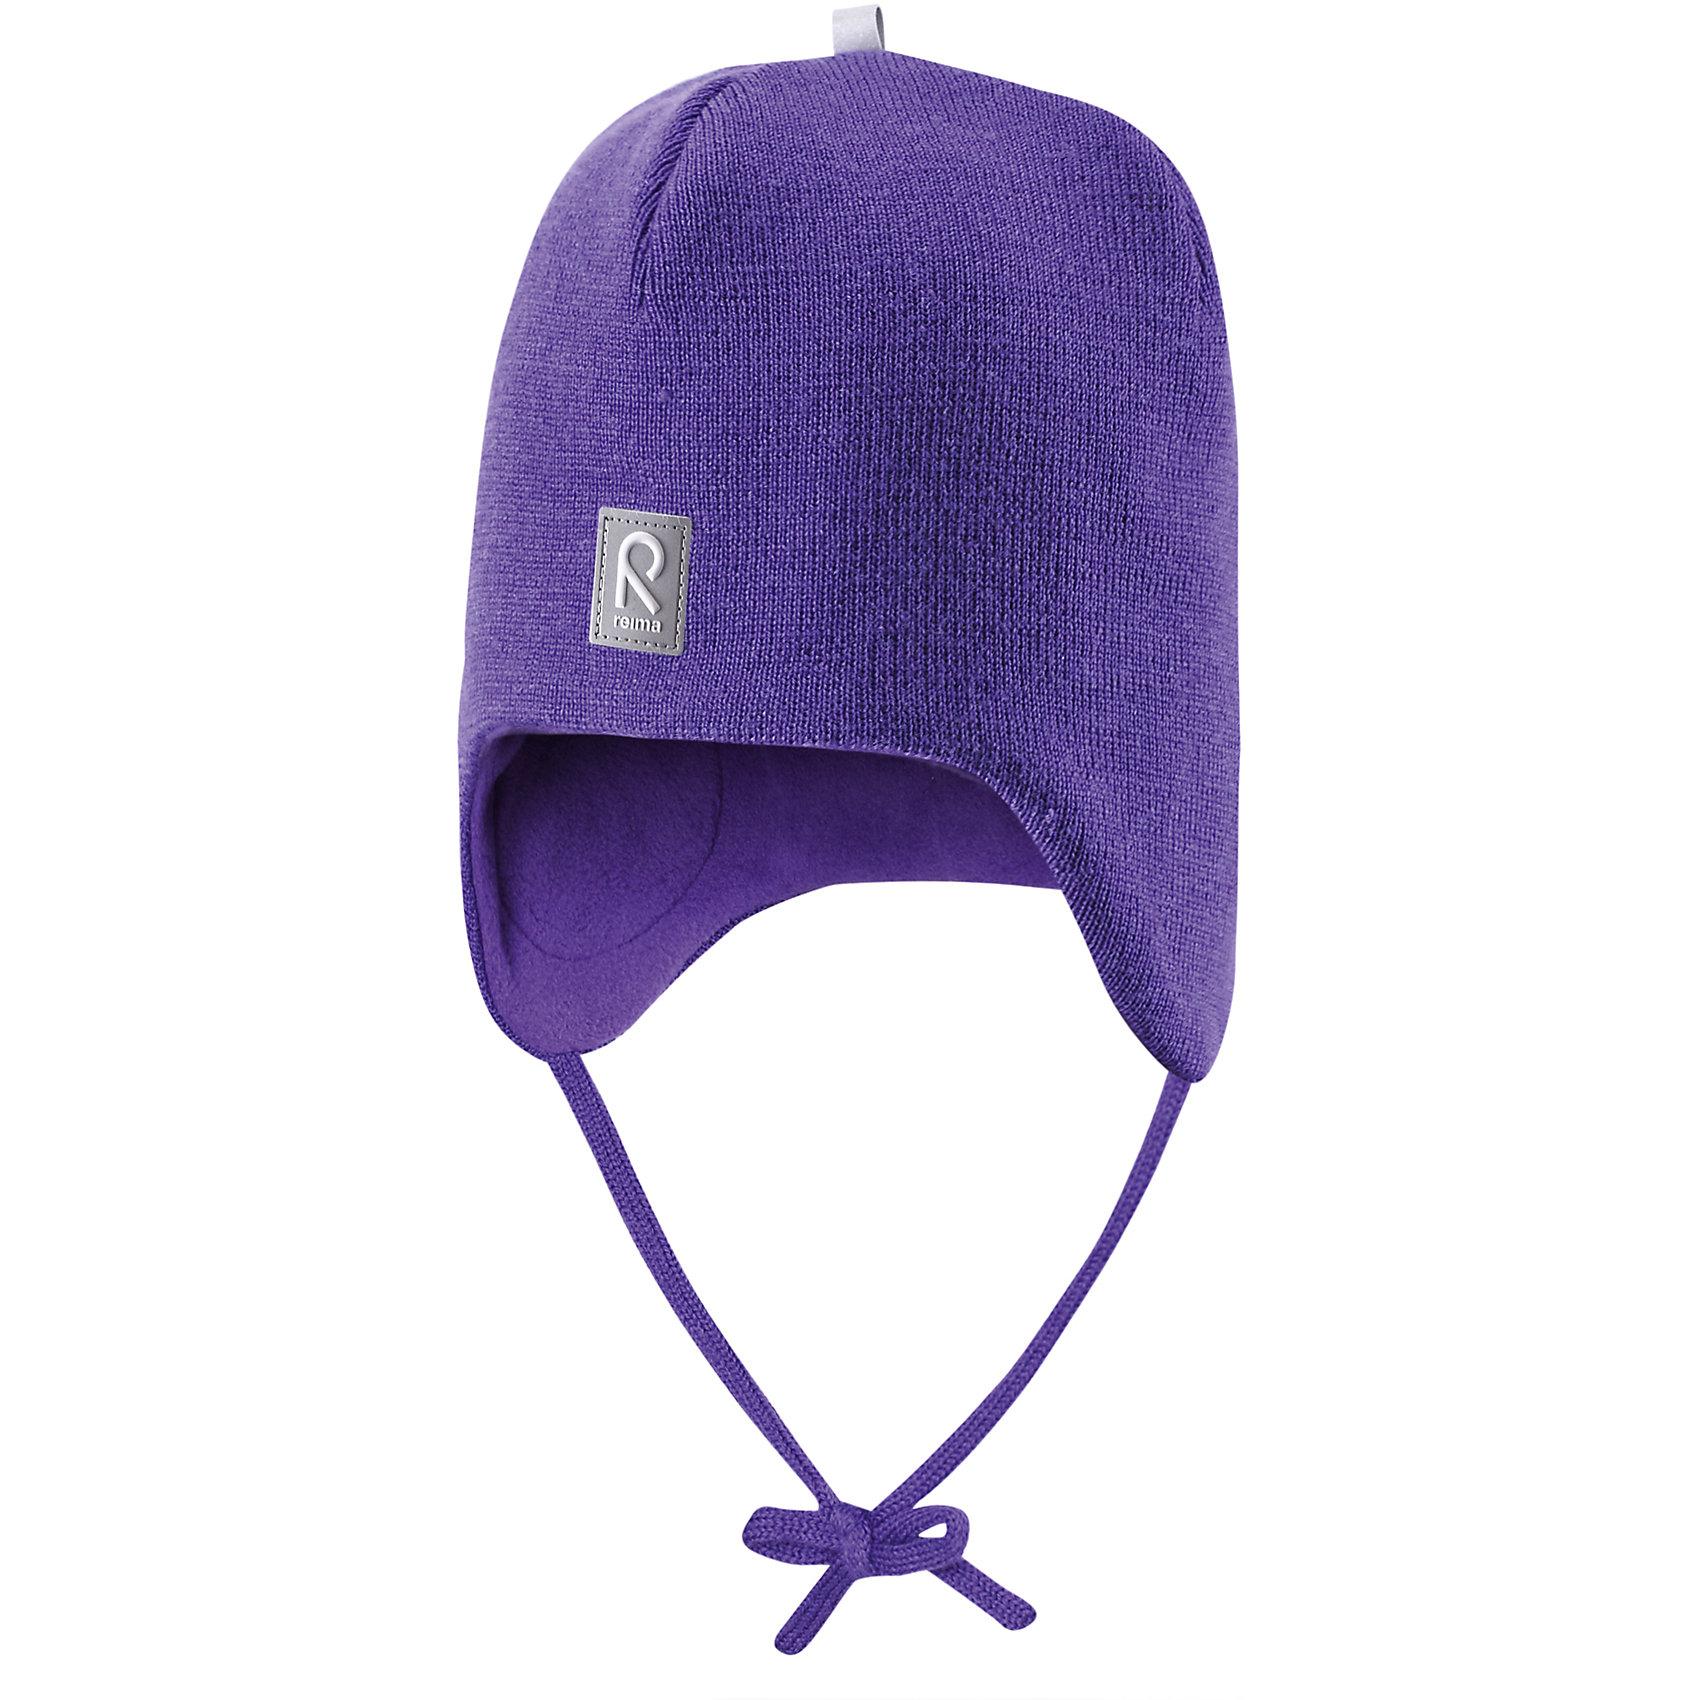 Шапка для девочки ReimaШапочки<br>Любимая шапка малышей в модных цветах сезона надёжно согреет в холодные зимние дни! Шерстяная шапка для малышей согреет в морозную погоду: мягкая подкладка из флиса для тепла и комфорта. Шерстяная шапка с подкладкой из флиса особенно подходит для маленьких приключений на свежем воздухе, потому что флис быстро высыхает и хорошо выводит влагу. Благодаря эластичной вязке шапка плотно прилегает, а ветронепроницаемые вставки в области ушей защищают маленькие ушки от холодного ветра. Завязки надёжно фиксируют шапку на голове и не натирают. Для завершения стильного образа носите с тёплой горловиной Star!<br><br>Шерстяная шапка для малышей <br>Полностью на подкладке: Мягкий тёплый флис<br>Ветронепроницаемые вставки в области ушей <br>Доступна в однотонном и полосатом вариантах<br>Состав:<br>100% Шерсть<br><br><br>Шапку Reima (Рейма) можно купить в нашем магазине.<br><br>Ширина мм: 89<br>Глубина мм: 117<br>Высота мм: 44<br>Вес г: 155<br>Цвет: фиолетовый<br>Возраст от месяцев: 6<br>Возраст до месяцев: 9<br>Пол: Женский<br>Возраст: Детский<br>Размер: 46,52,50,48<br>SKU: 4208665